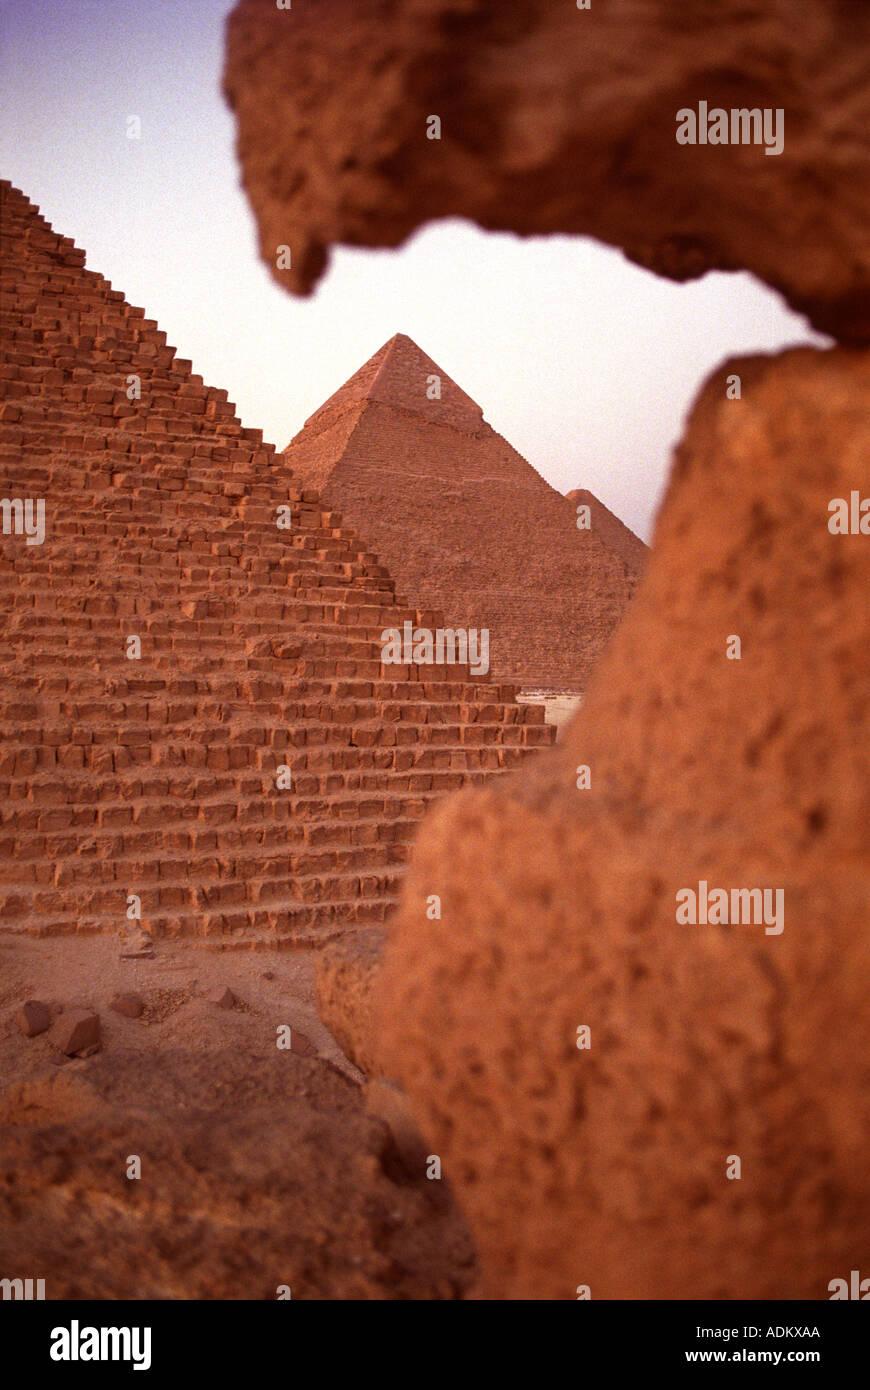 Las pirámides de Giza, cerca de El Cairo Egipto Imagen De Stock